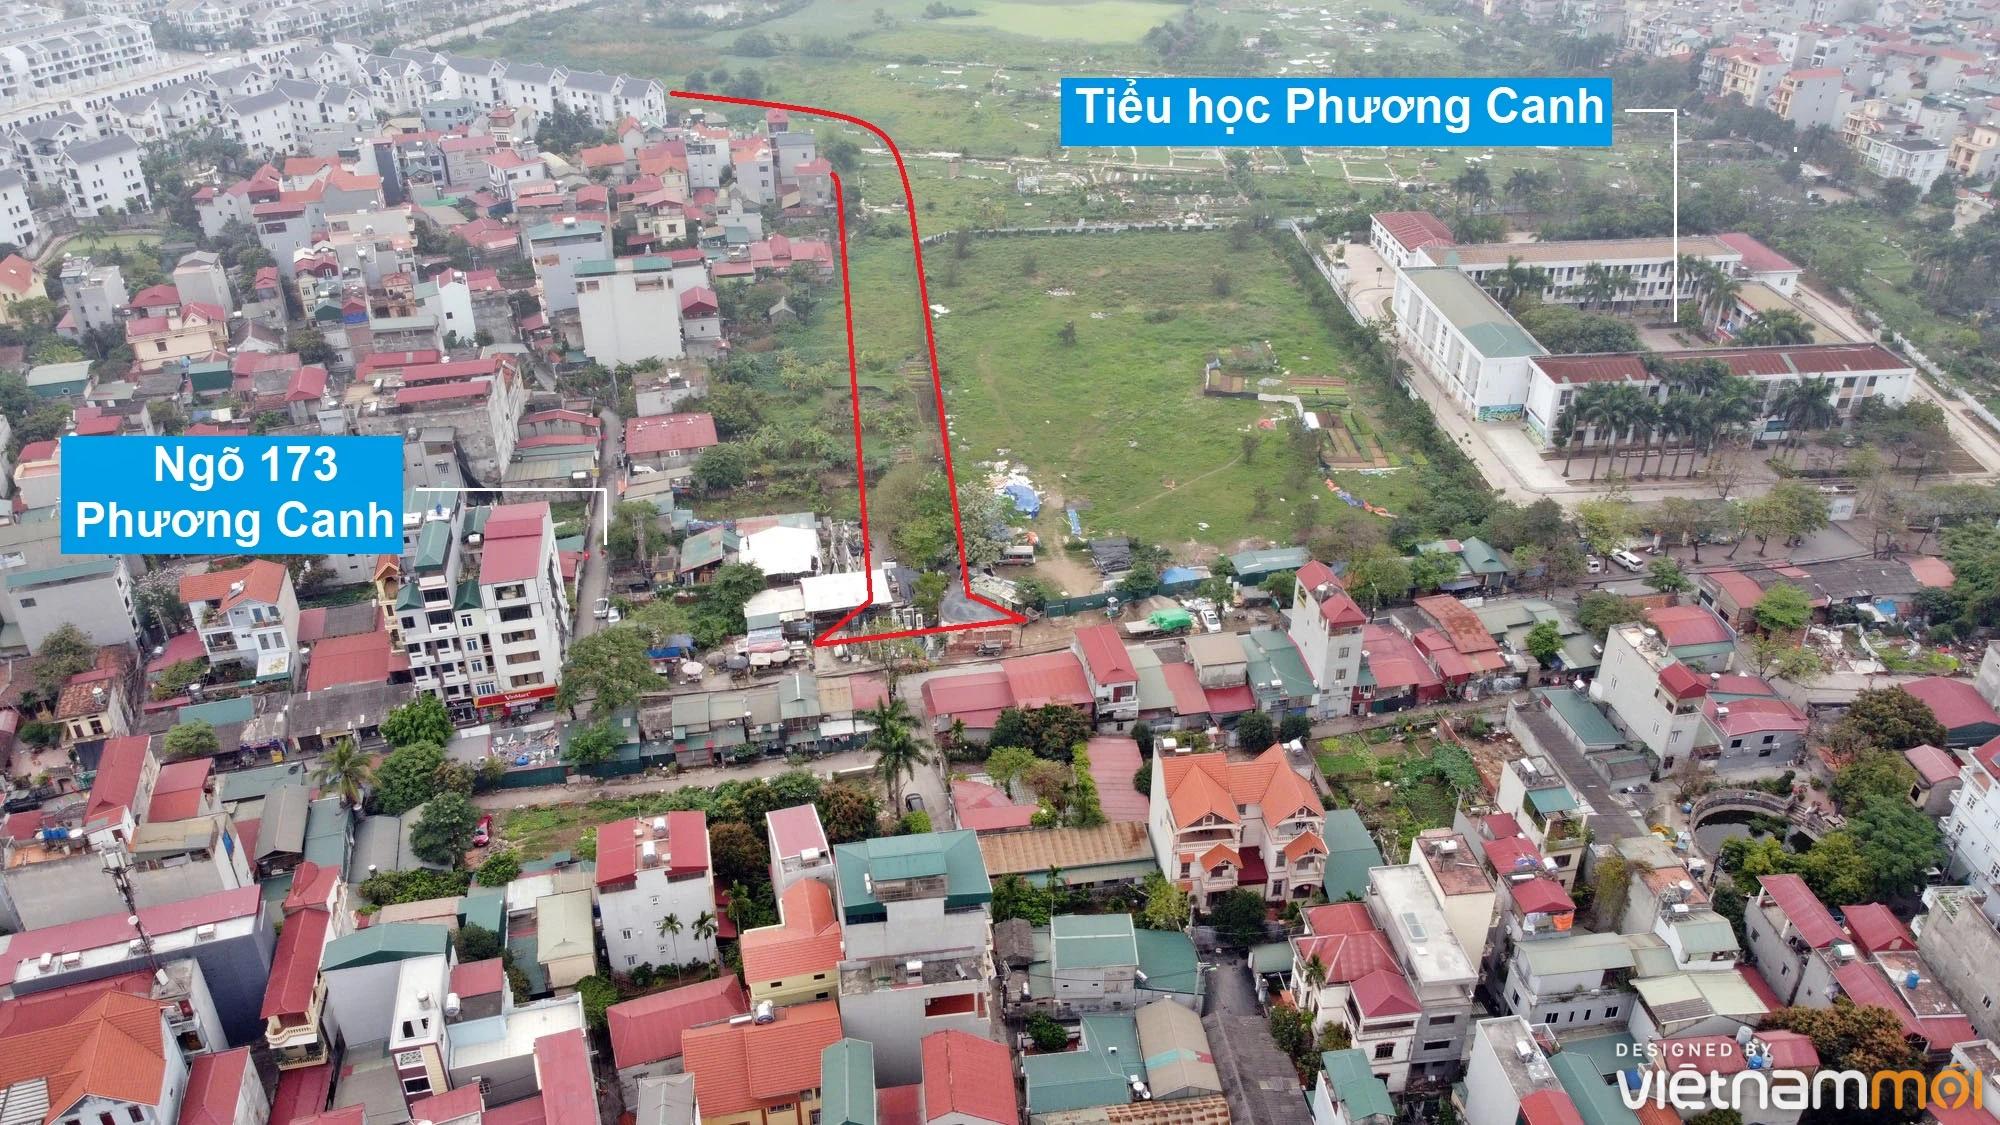 Những khu đất sắp thu hồi để mở đường ở phường Xuân Phương, Nam Từ Liêm, Hà Nội (phần 3) - Ảnh 3.